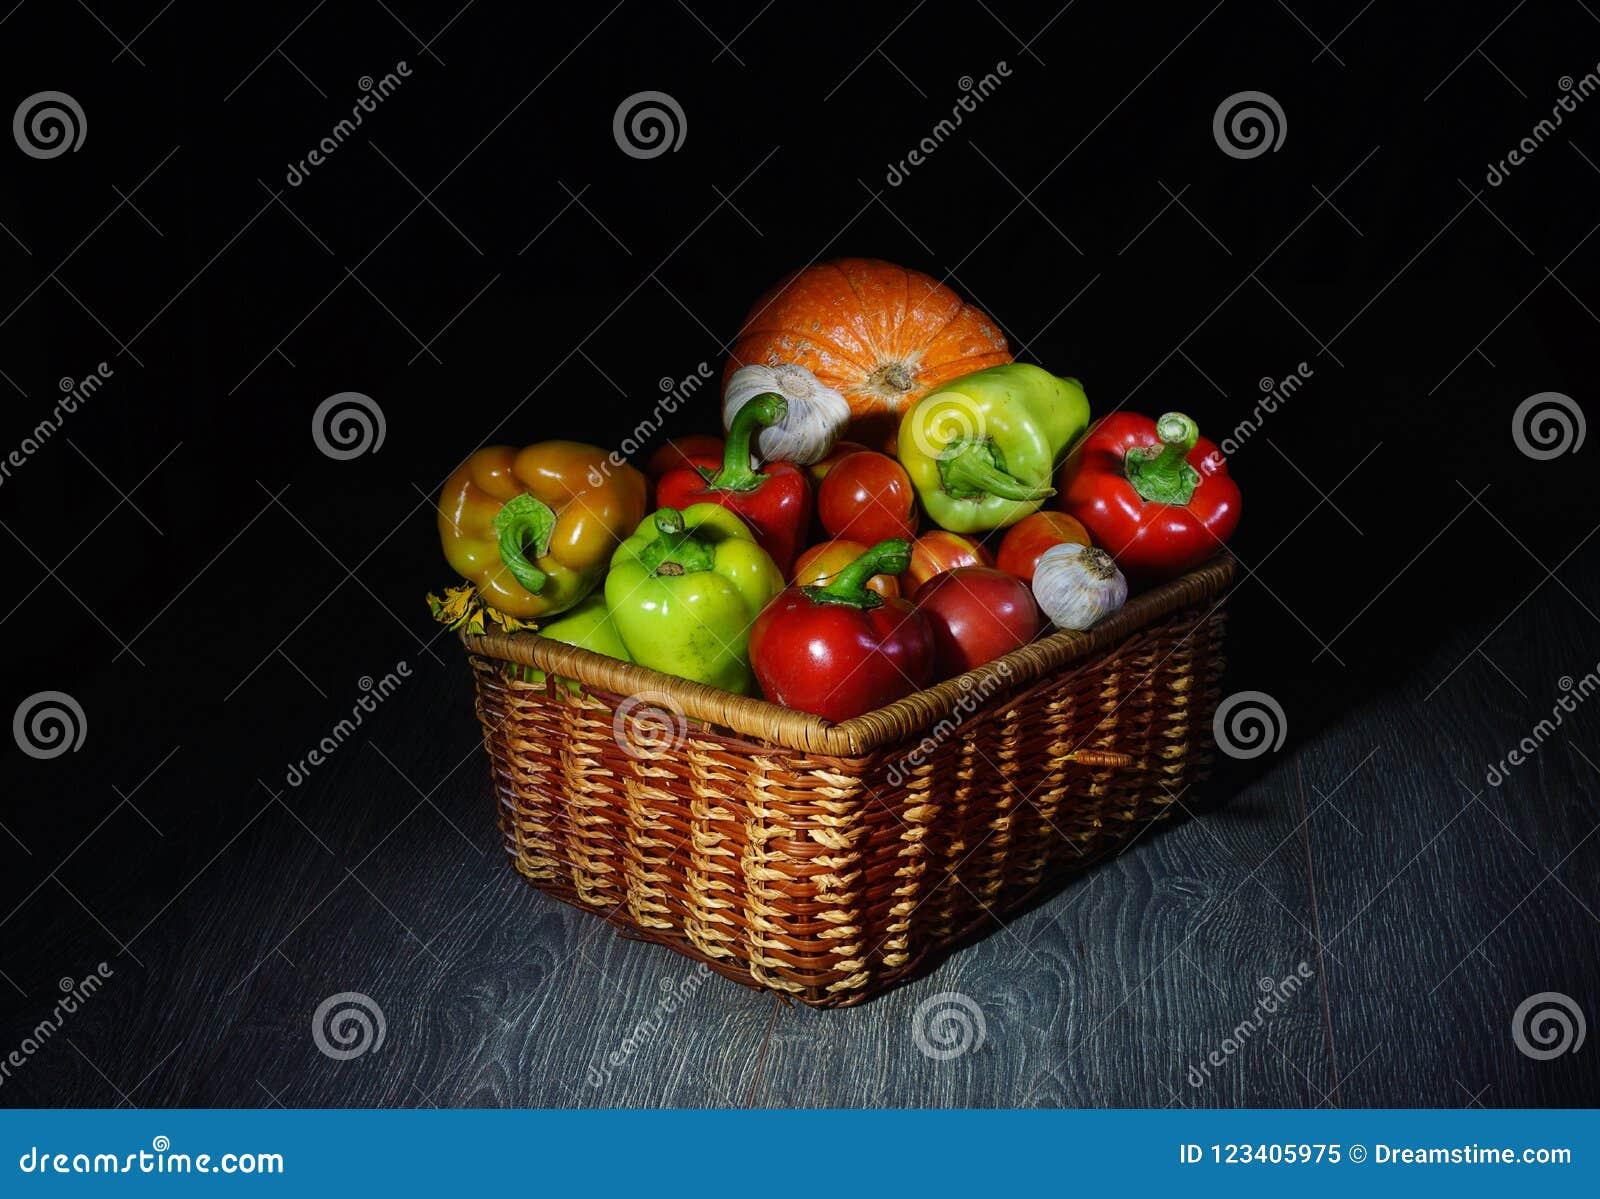 Ένα όμορφο καλάθι με τα λαχανικά, μυστήριο στον μισό-ελαφρύ μας λέει: φανείτε αυτό που που έχω, τι προετοίμασα για σας